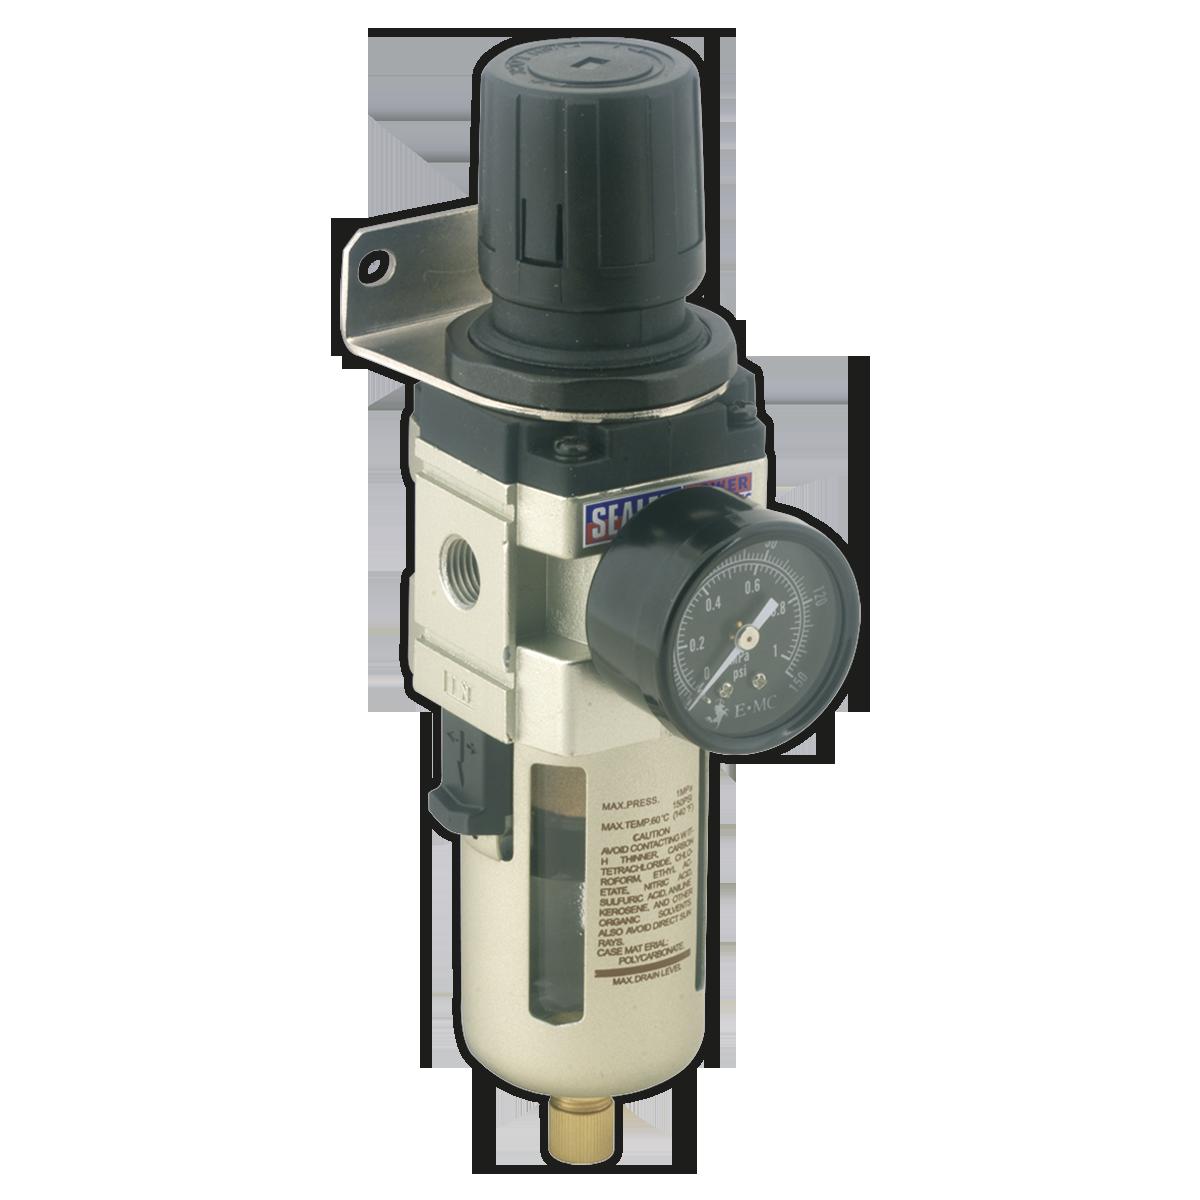 Air Filter/Regulator Max Airflow 70cfm